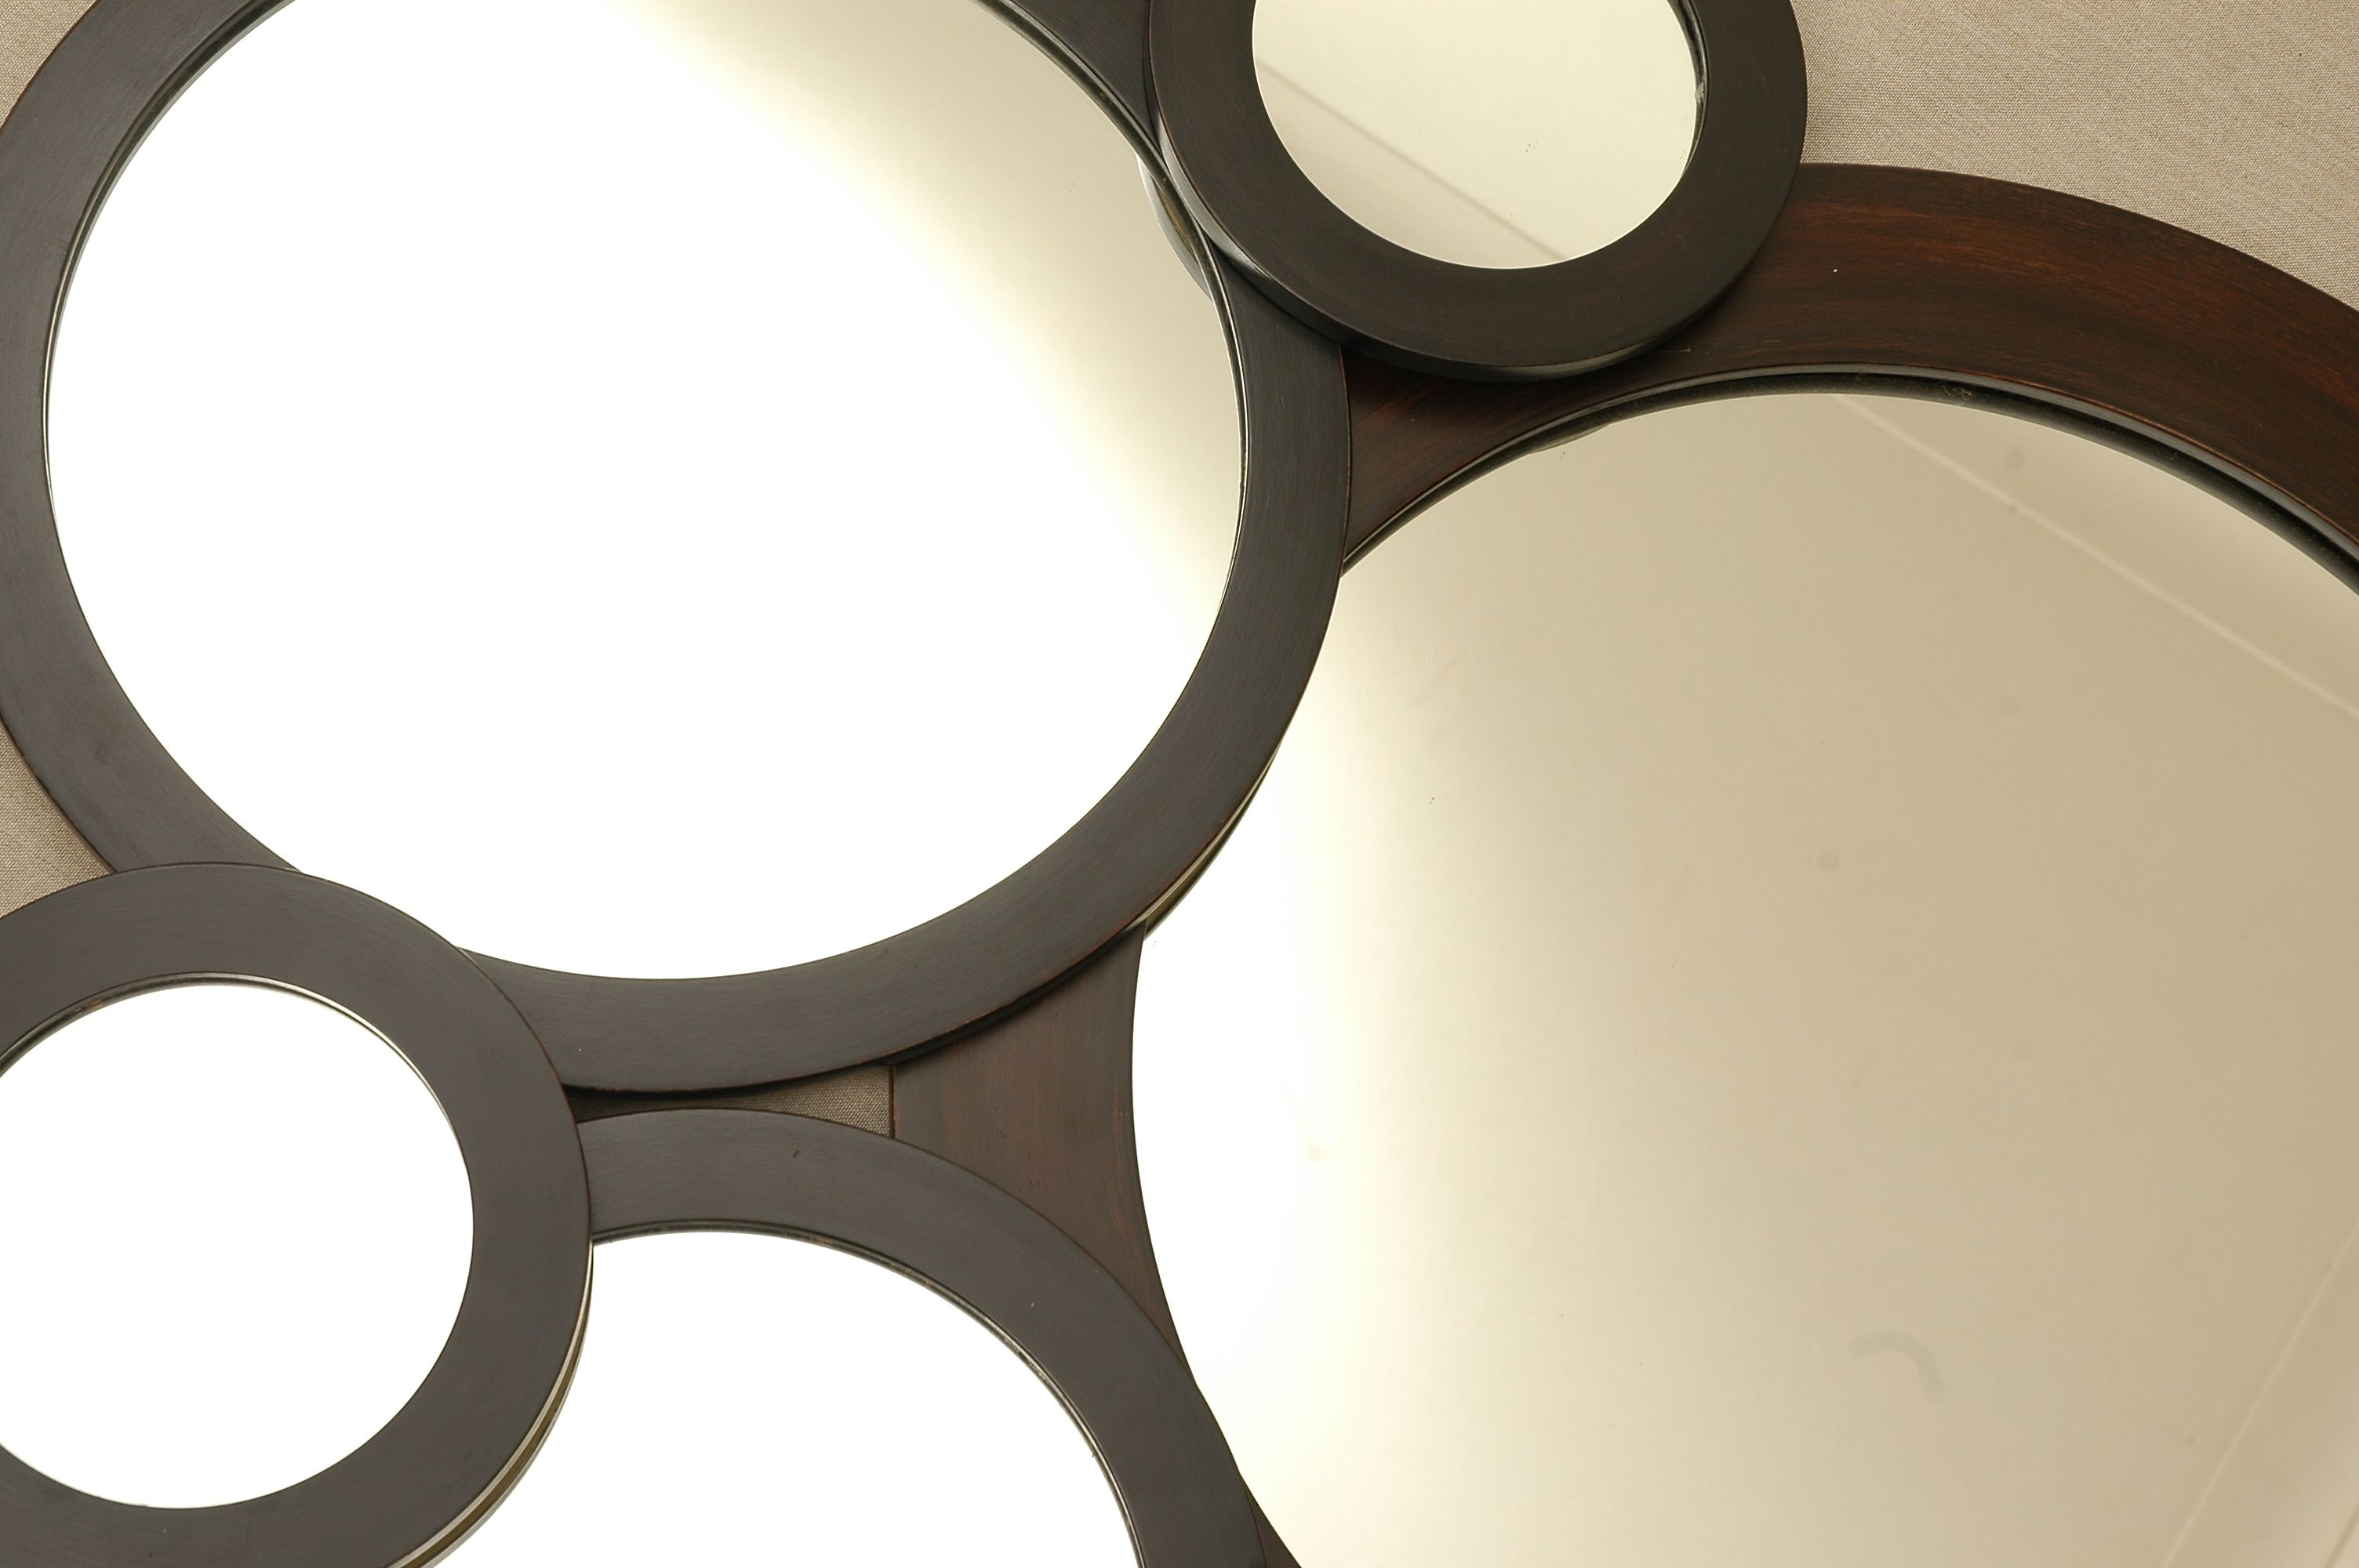 Espejos redondos con marco de madera espejos for Marcos de espejos